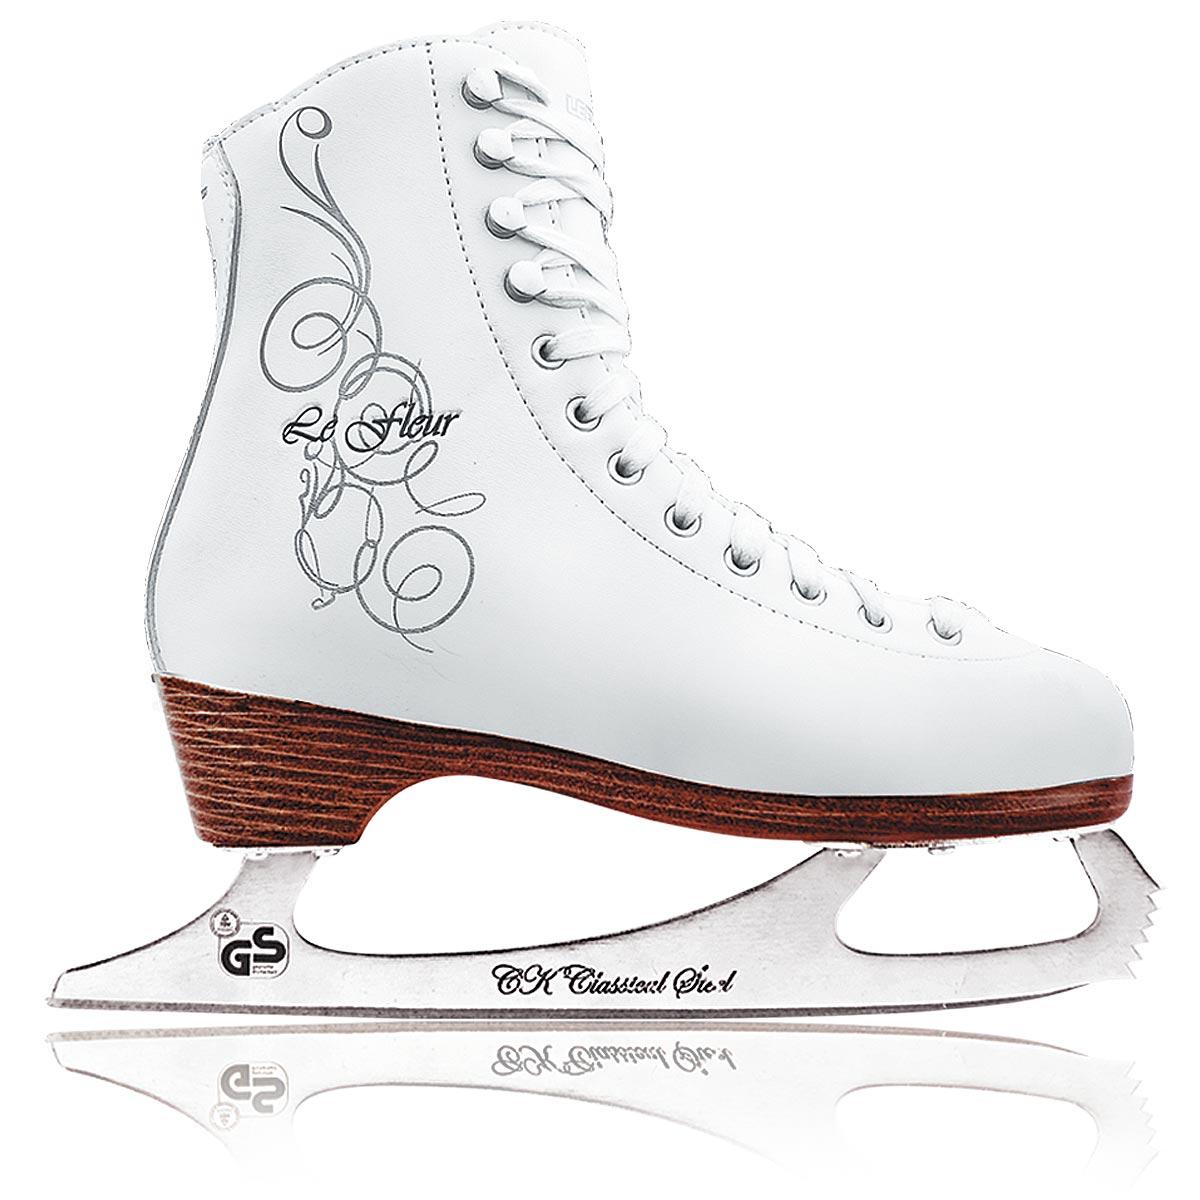 Коньки фигурные женские СК Le Fleur Leather 100%, цвет: белый, серебряный. Размер 37LE FLEUR leather 100_белый, серебряный_37